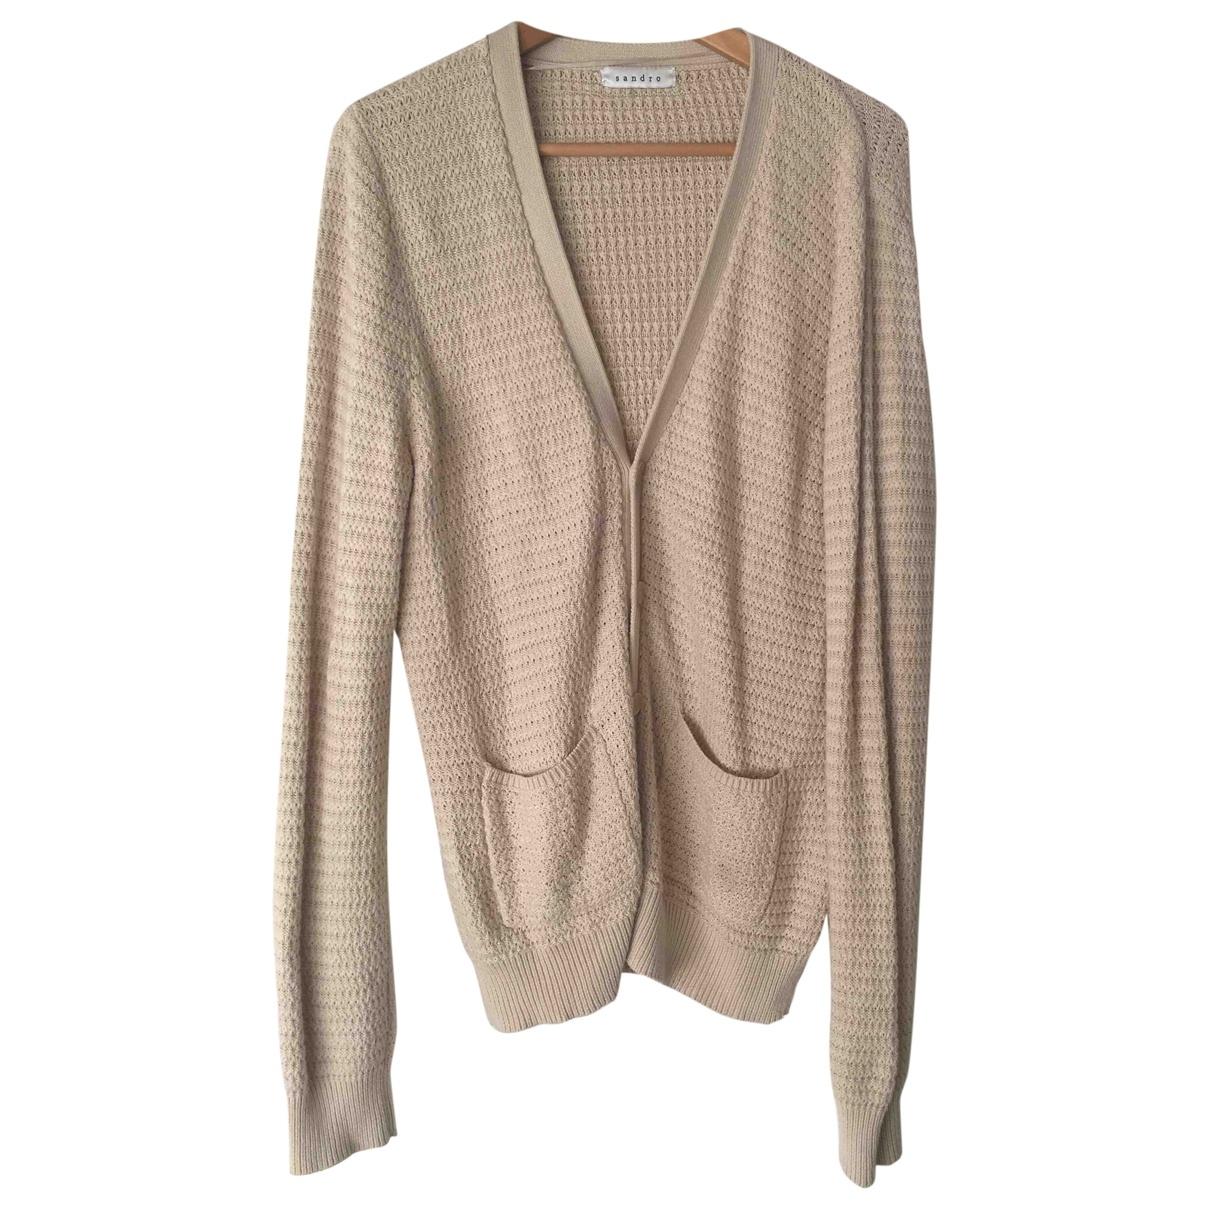 Sandro \N Beige Cotton Knitwear & Sweatshirts for Men L International